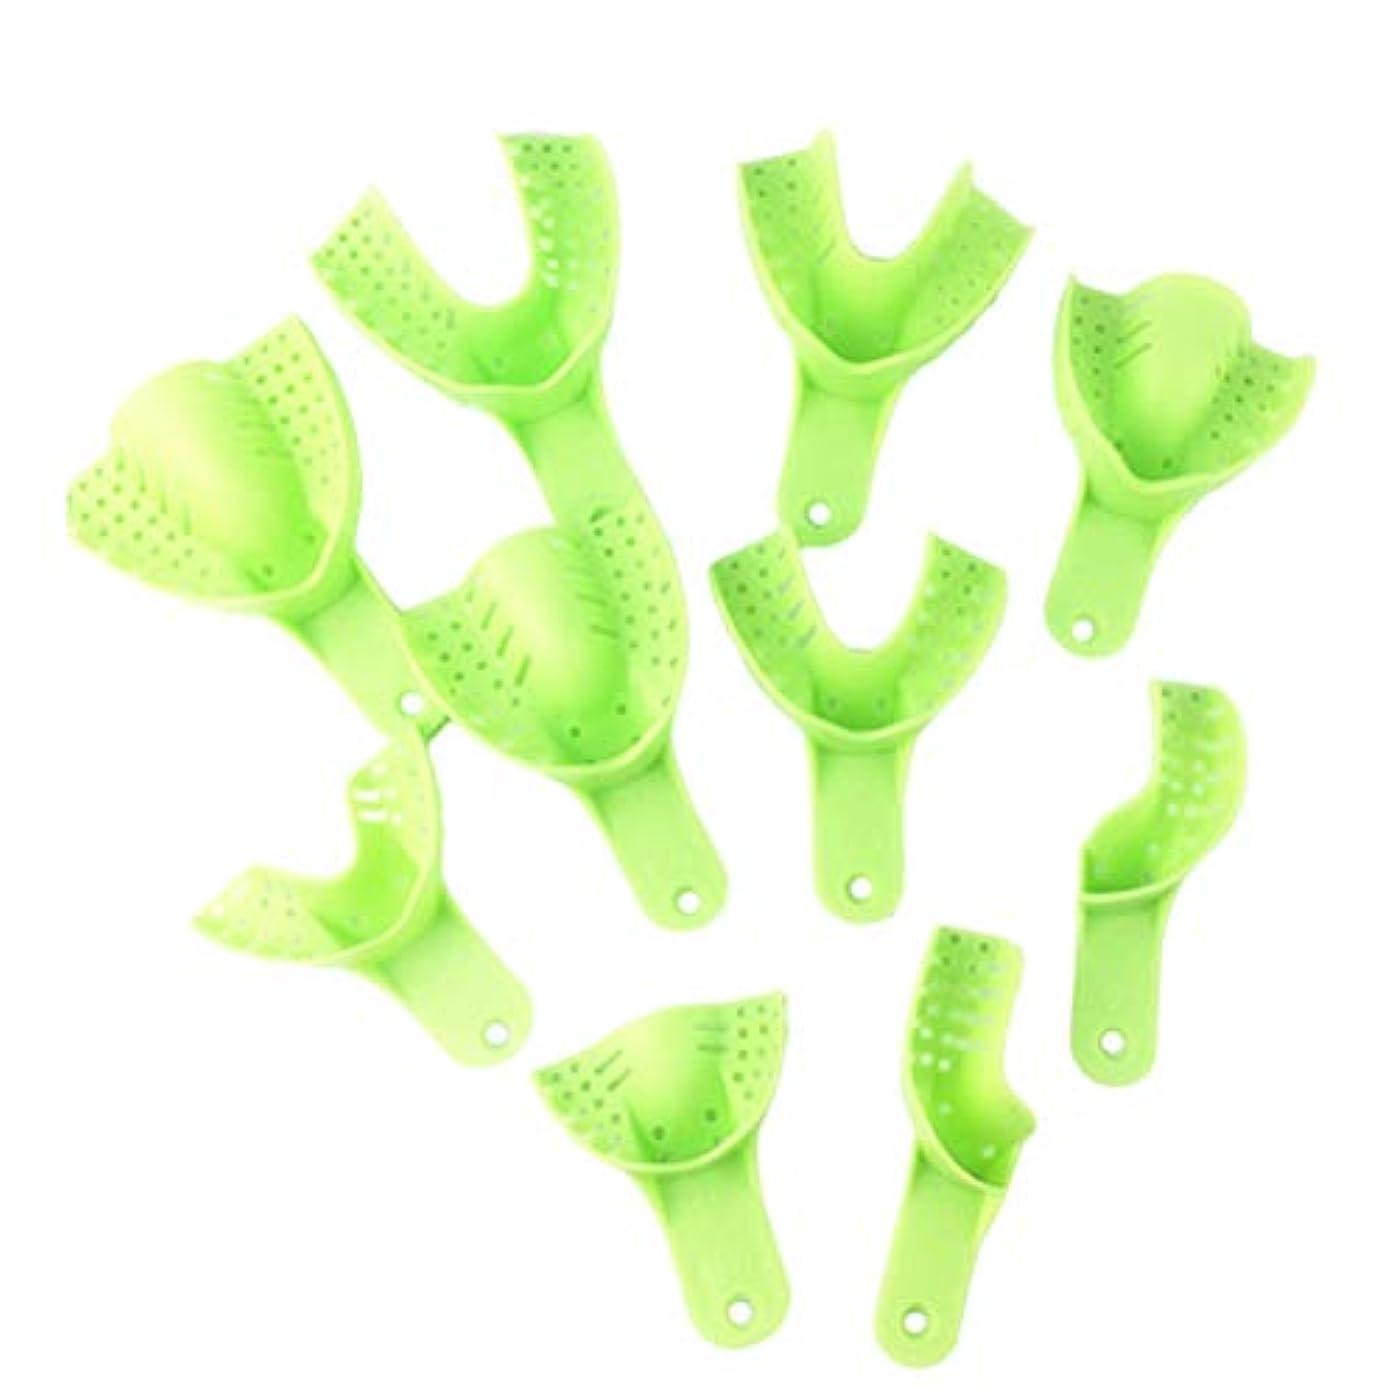 属性喜劇不幸SUPVOX 10個歯科用印象トレイプラスチック製使い捨て歯科用トレイ歯科材料デュアルアーチトレイ(ライトグリーン)